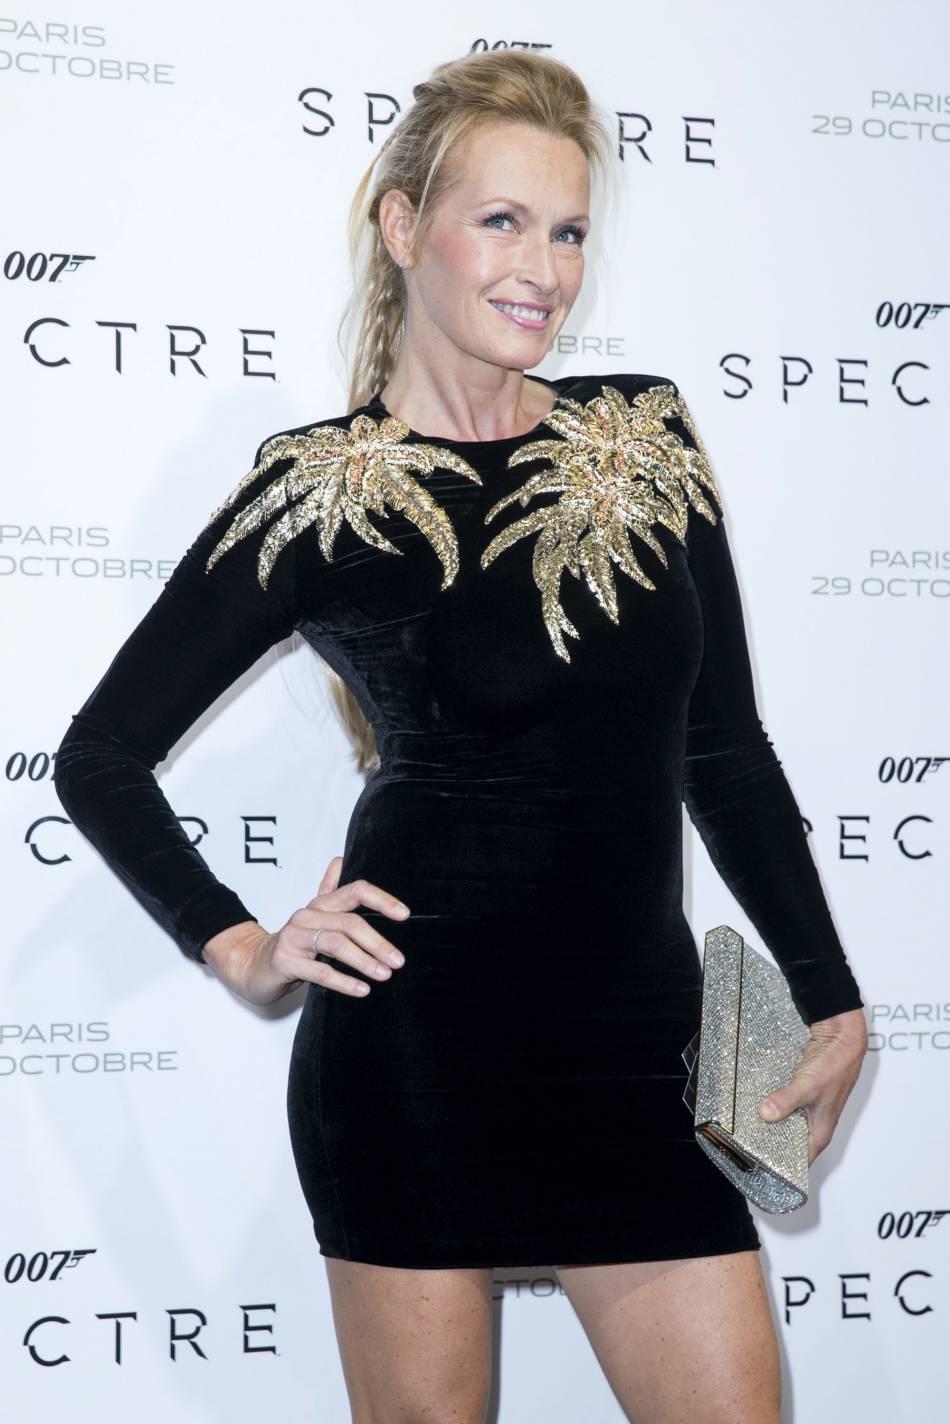 Estelle Lefébure, mini robe et maxi effet à Paris le 29 octobre 2015.